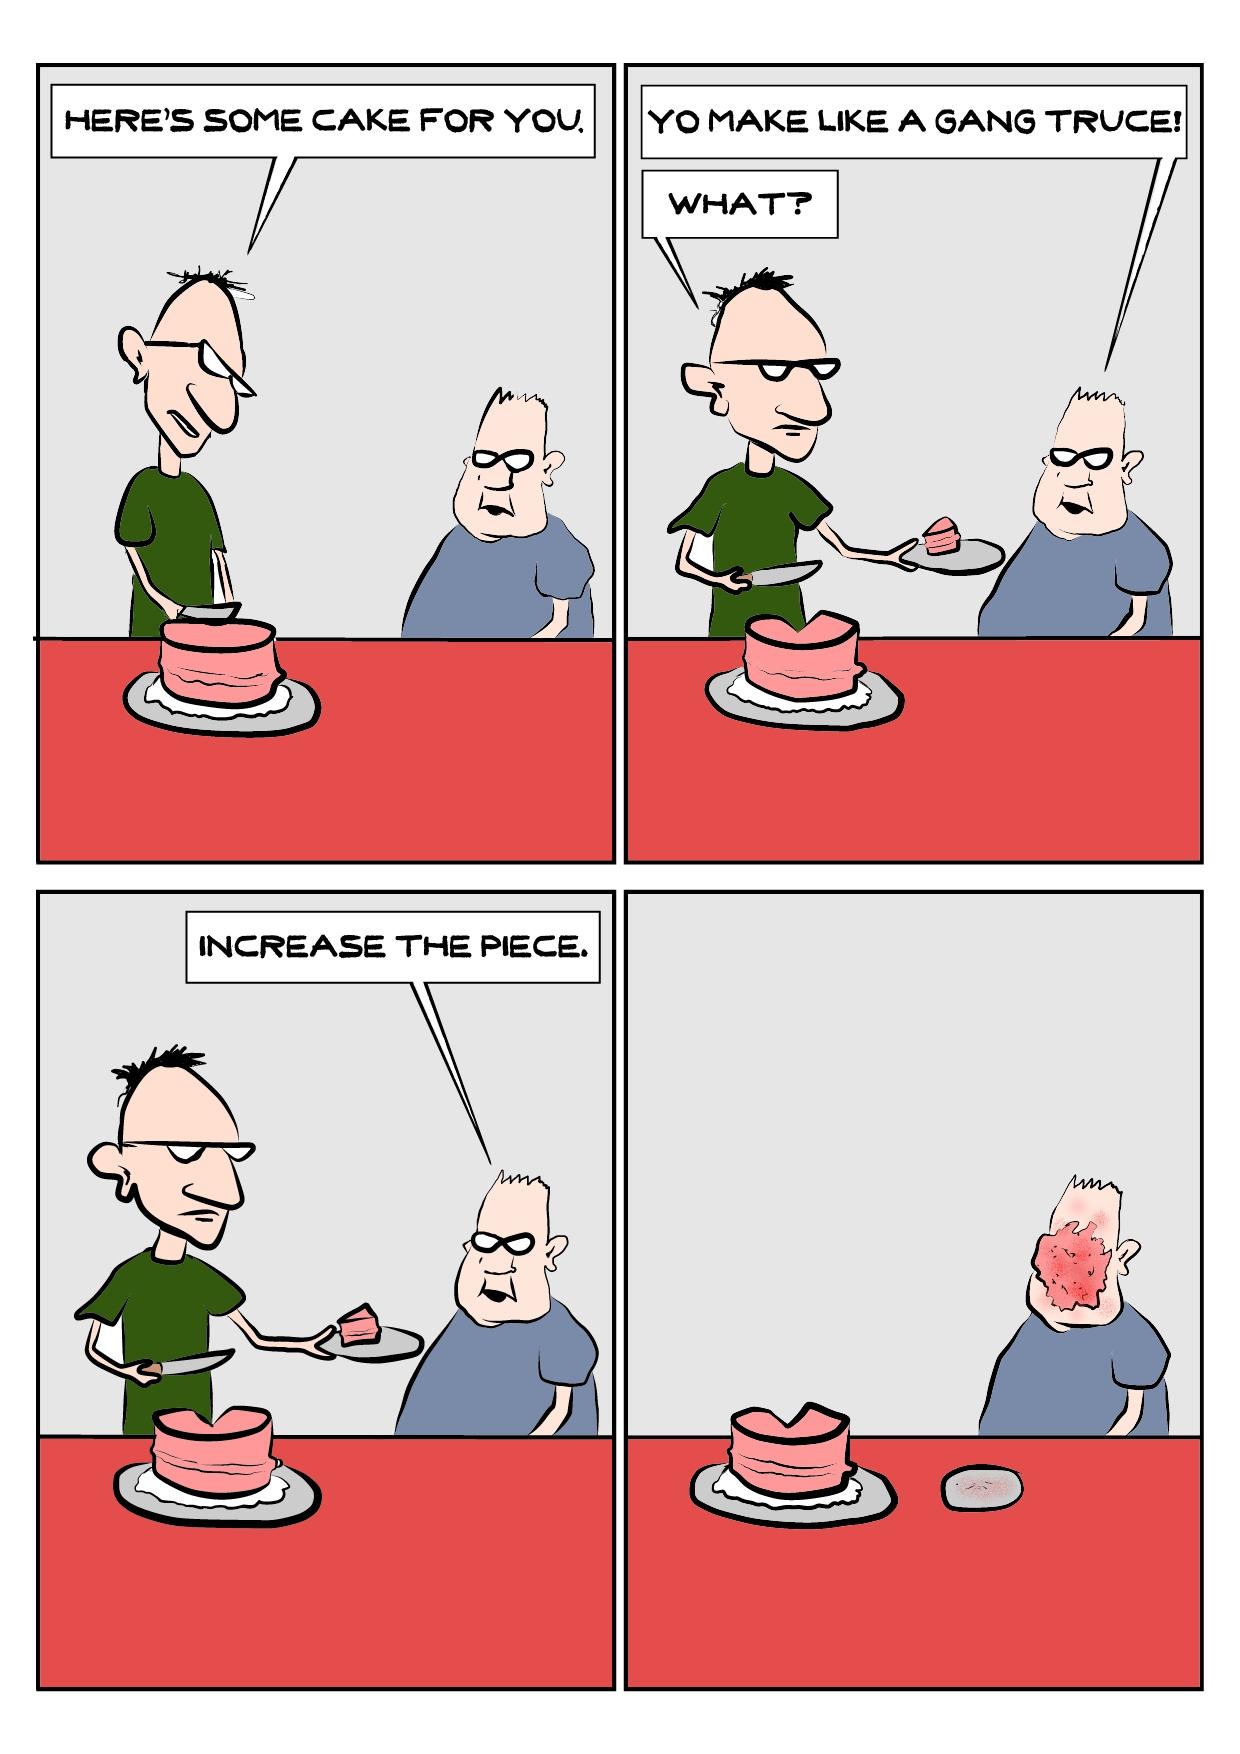 The Tools- Cake